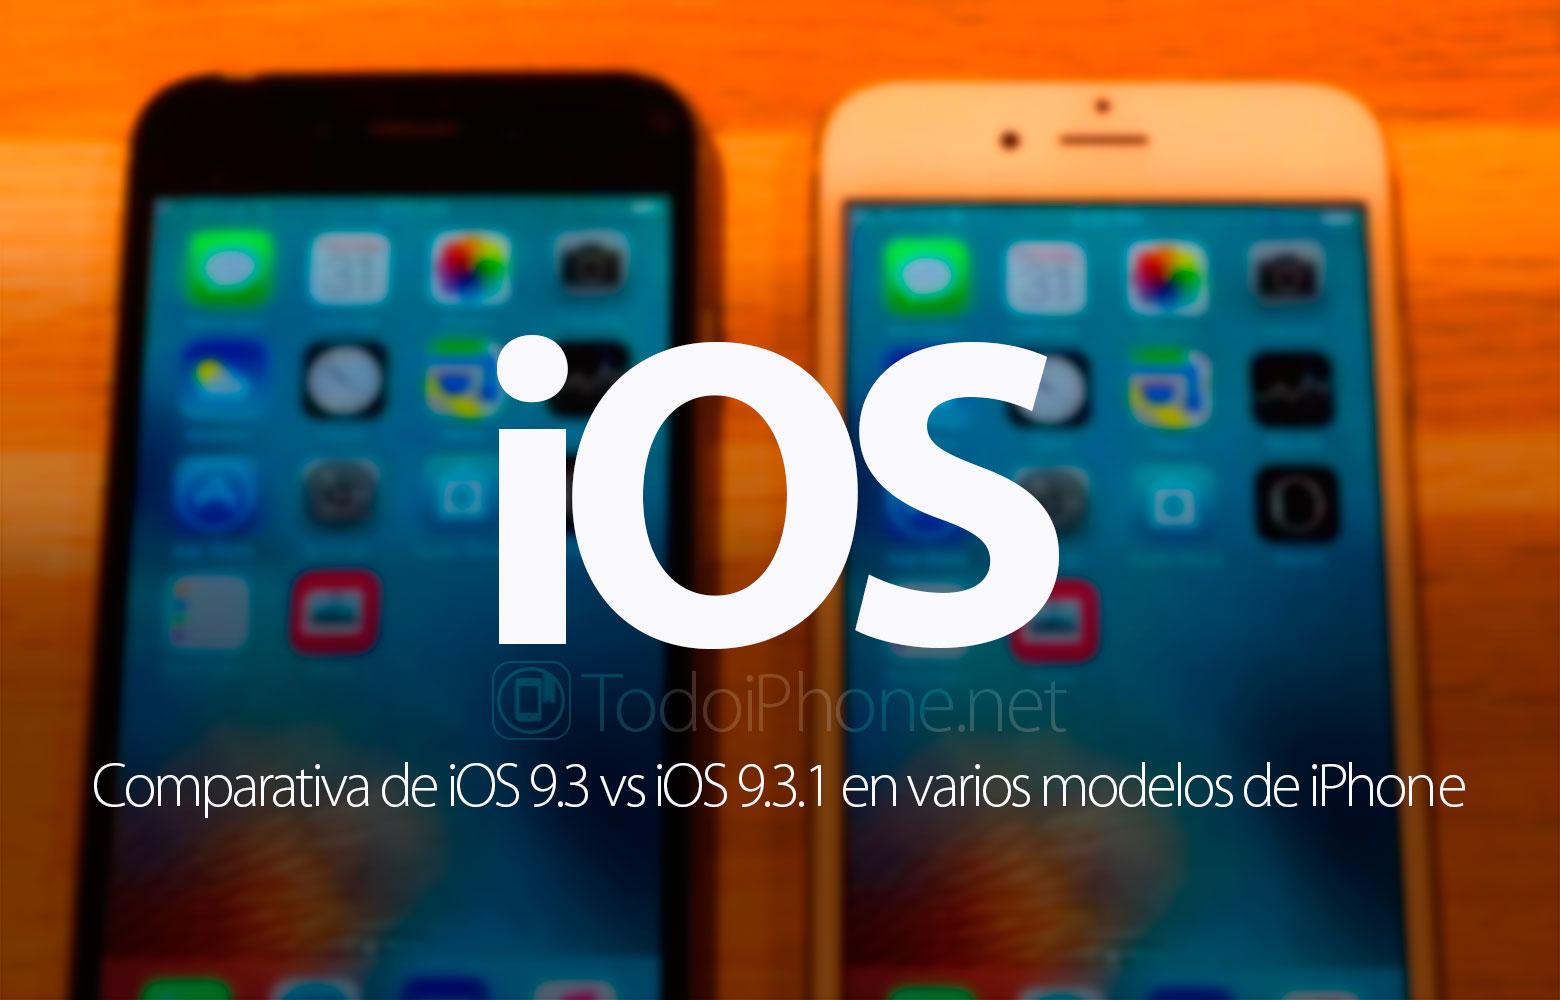 comparativa-ios-9-3-vs-ios-9-3-1-iphone